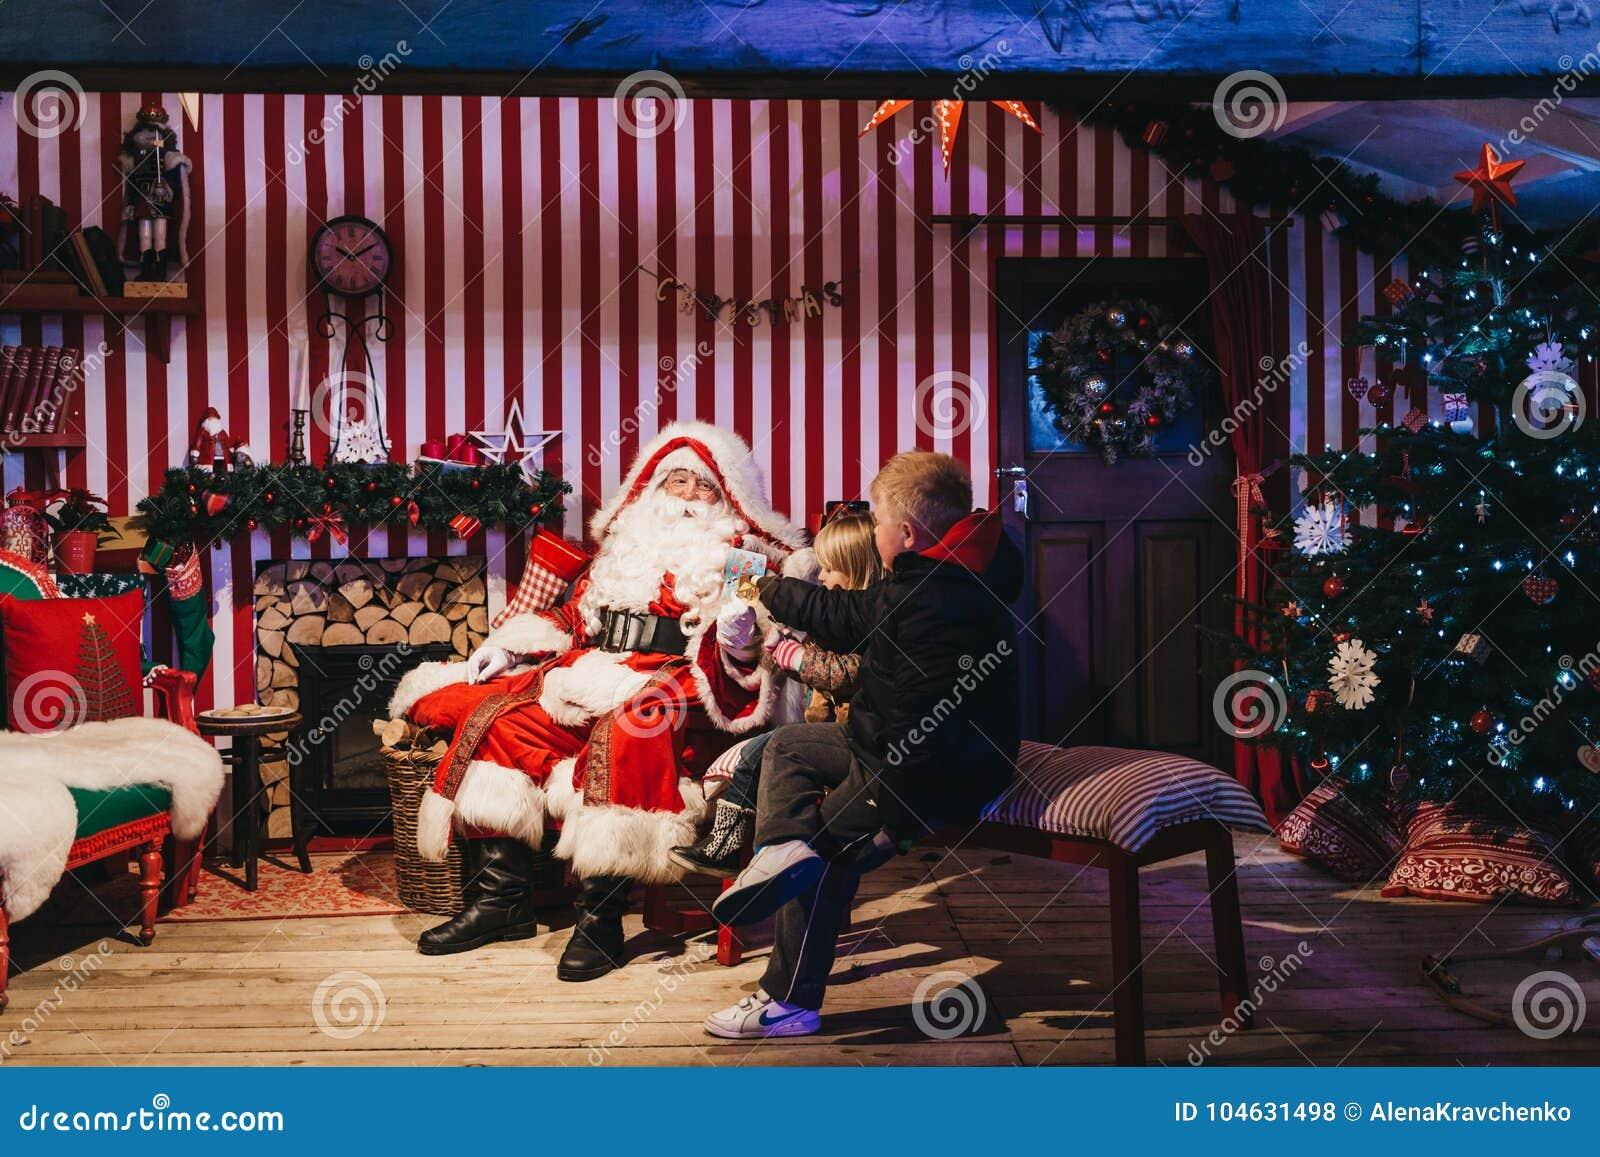 Παιδιά που συναντούν Άγιο Βασίλη στην έκθεση Χριστουγέννων χειμερινών χωρών των θαυμάτων, Λονδίνο, UK